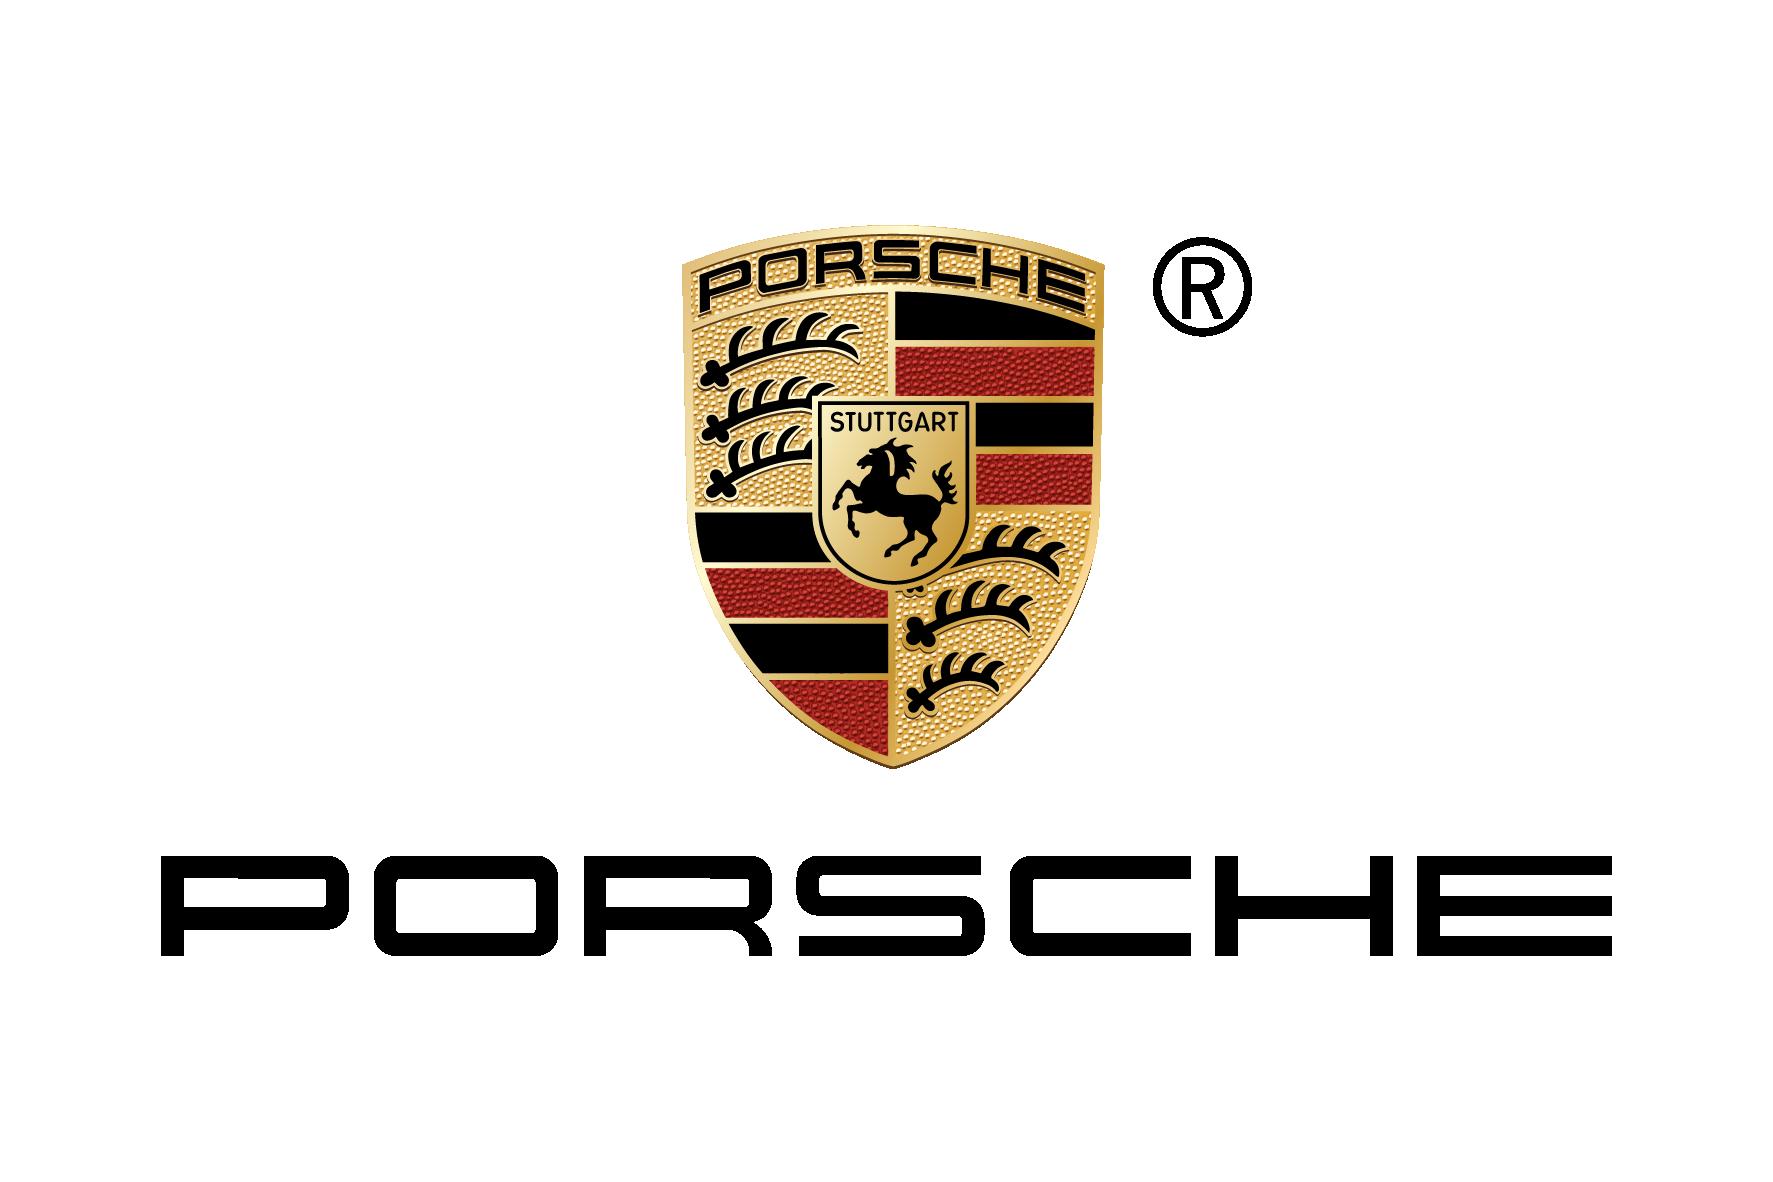 Porsche_v